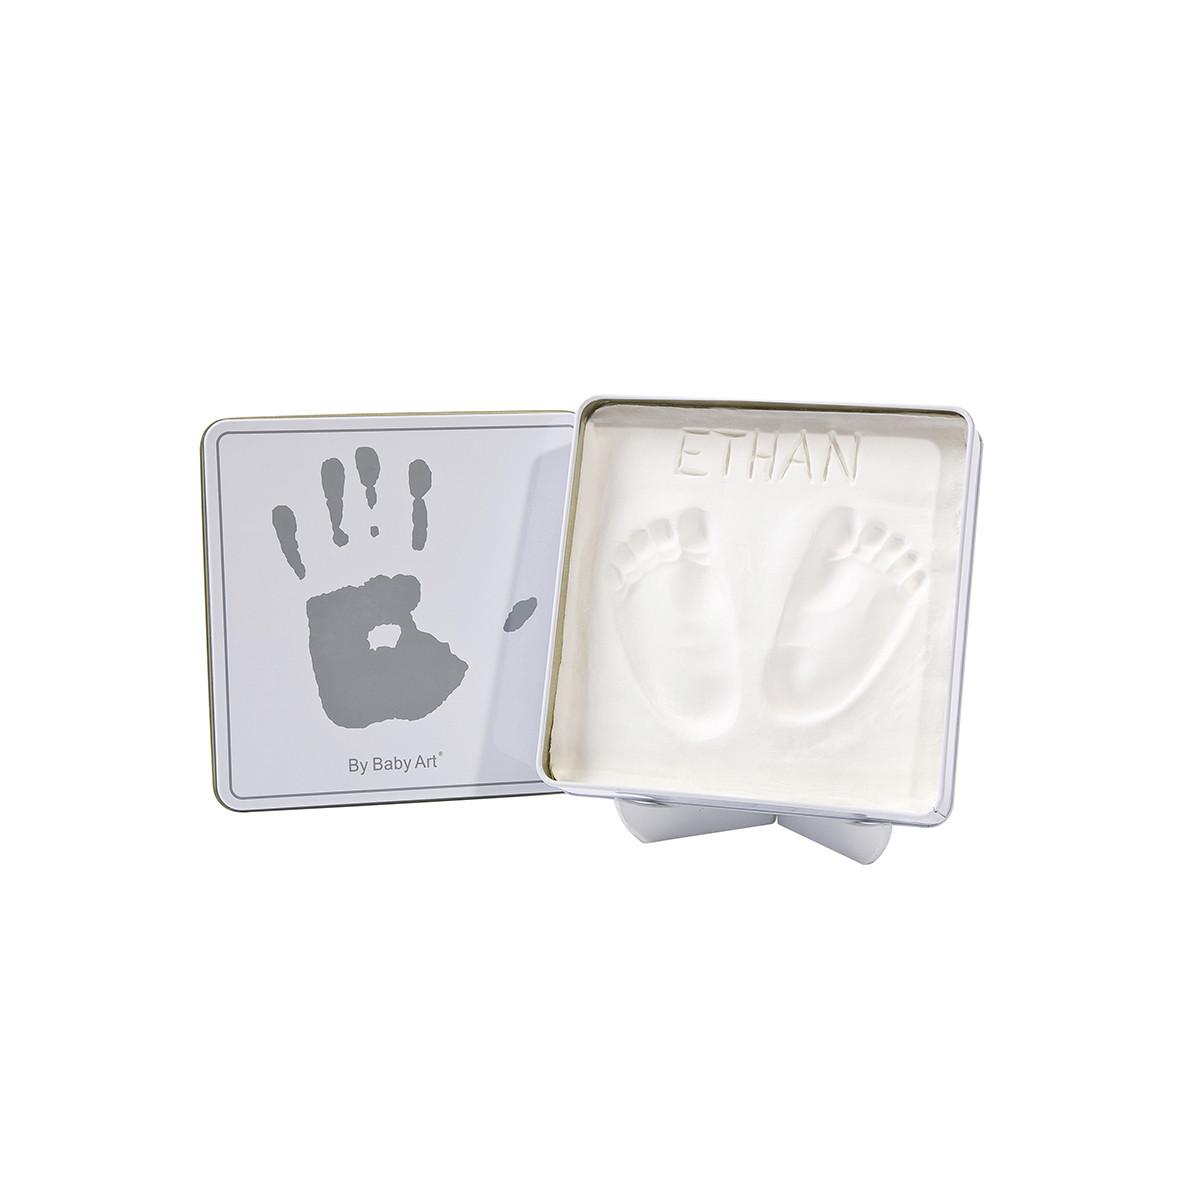 Κουτί Για Αποτύπωμα Baby Art White/Grey BR71069 home   βρεφικά   βρεφική διακόσμηση